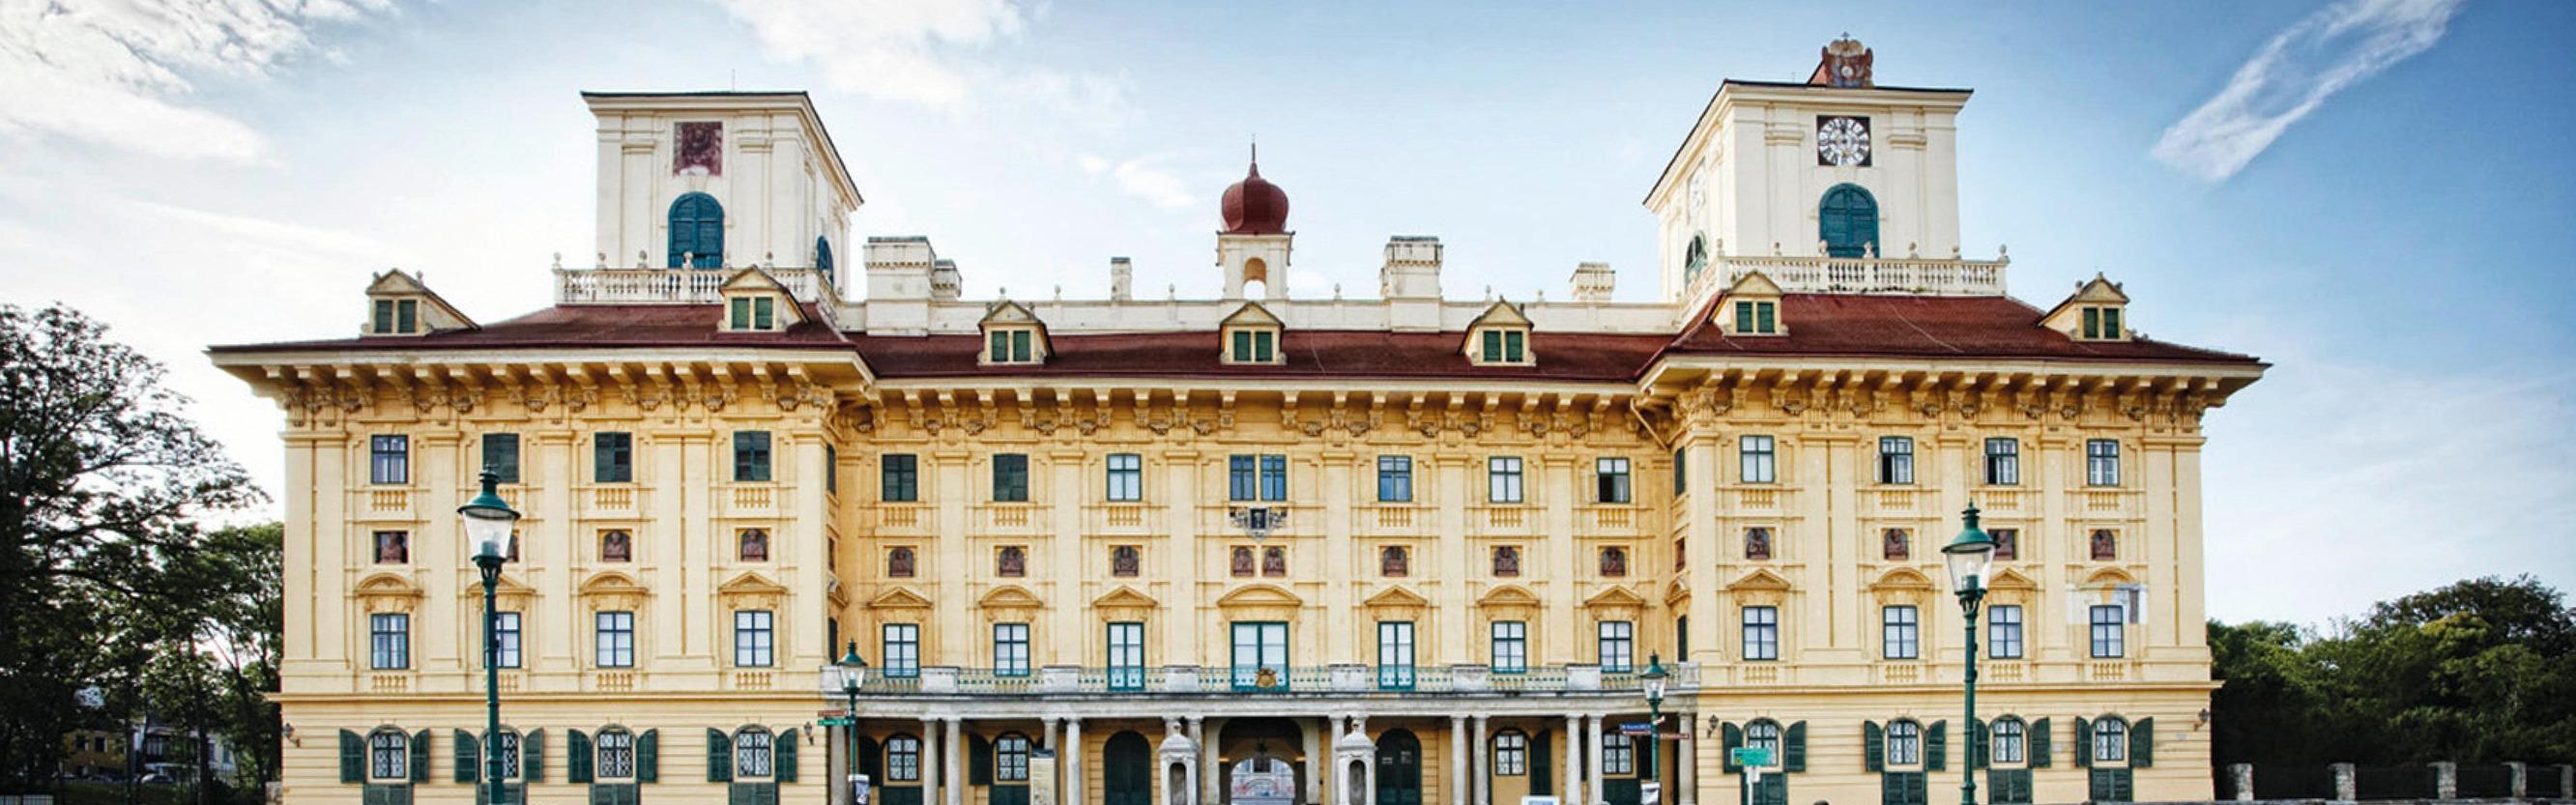 Schloss Esterhazy Außenansicht